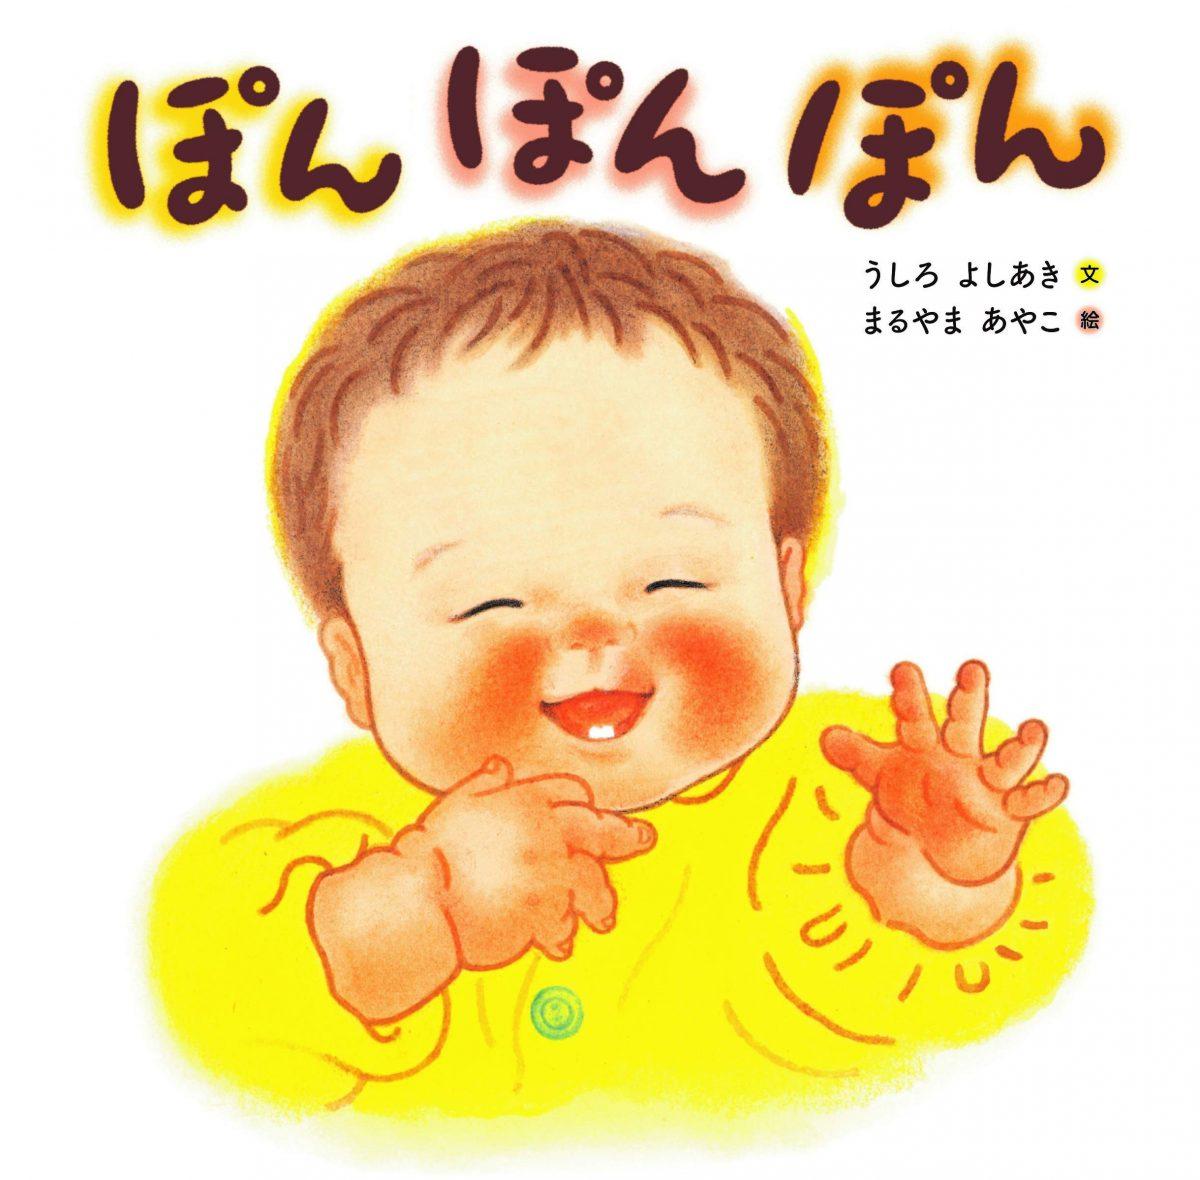 絵本「ぽんぽんぽん」の表紙